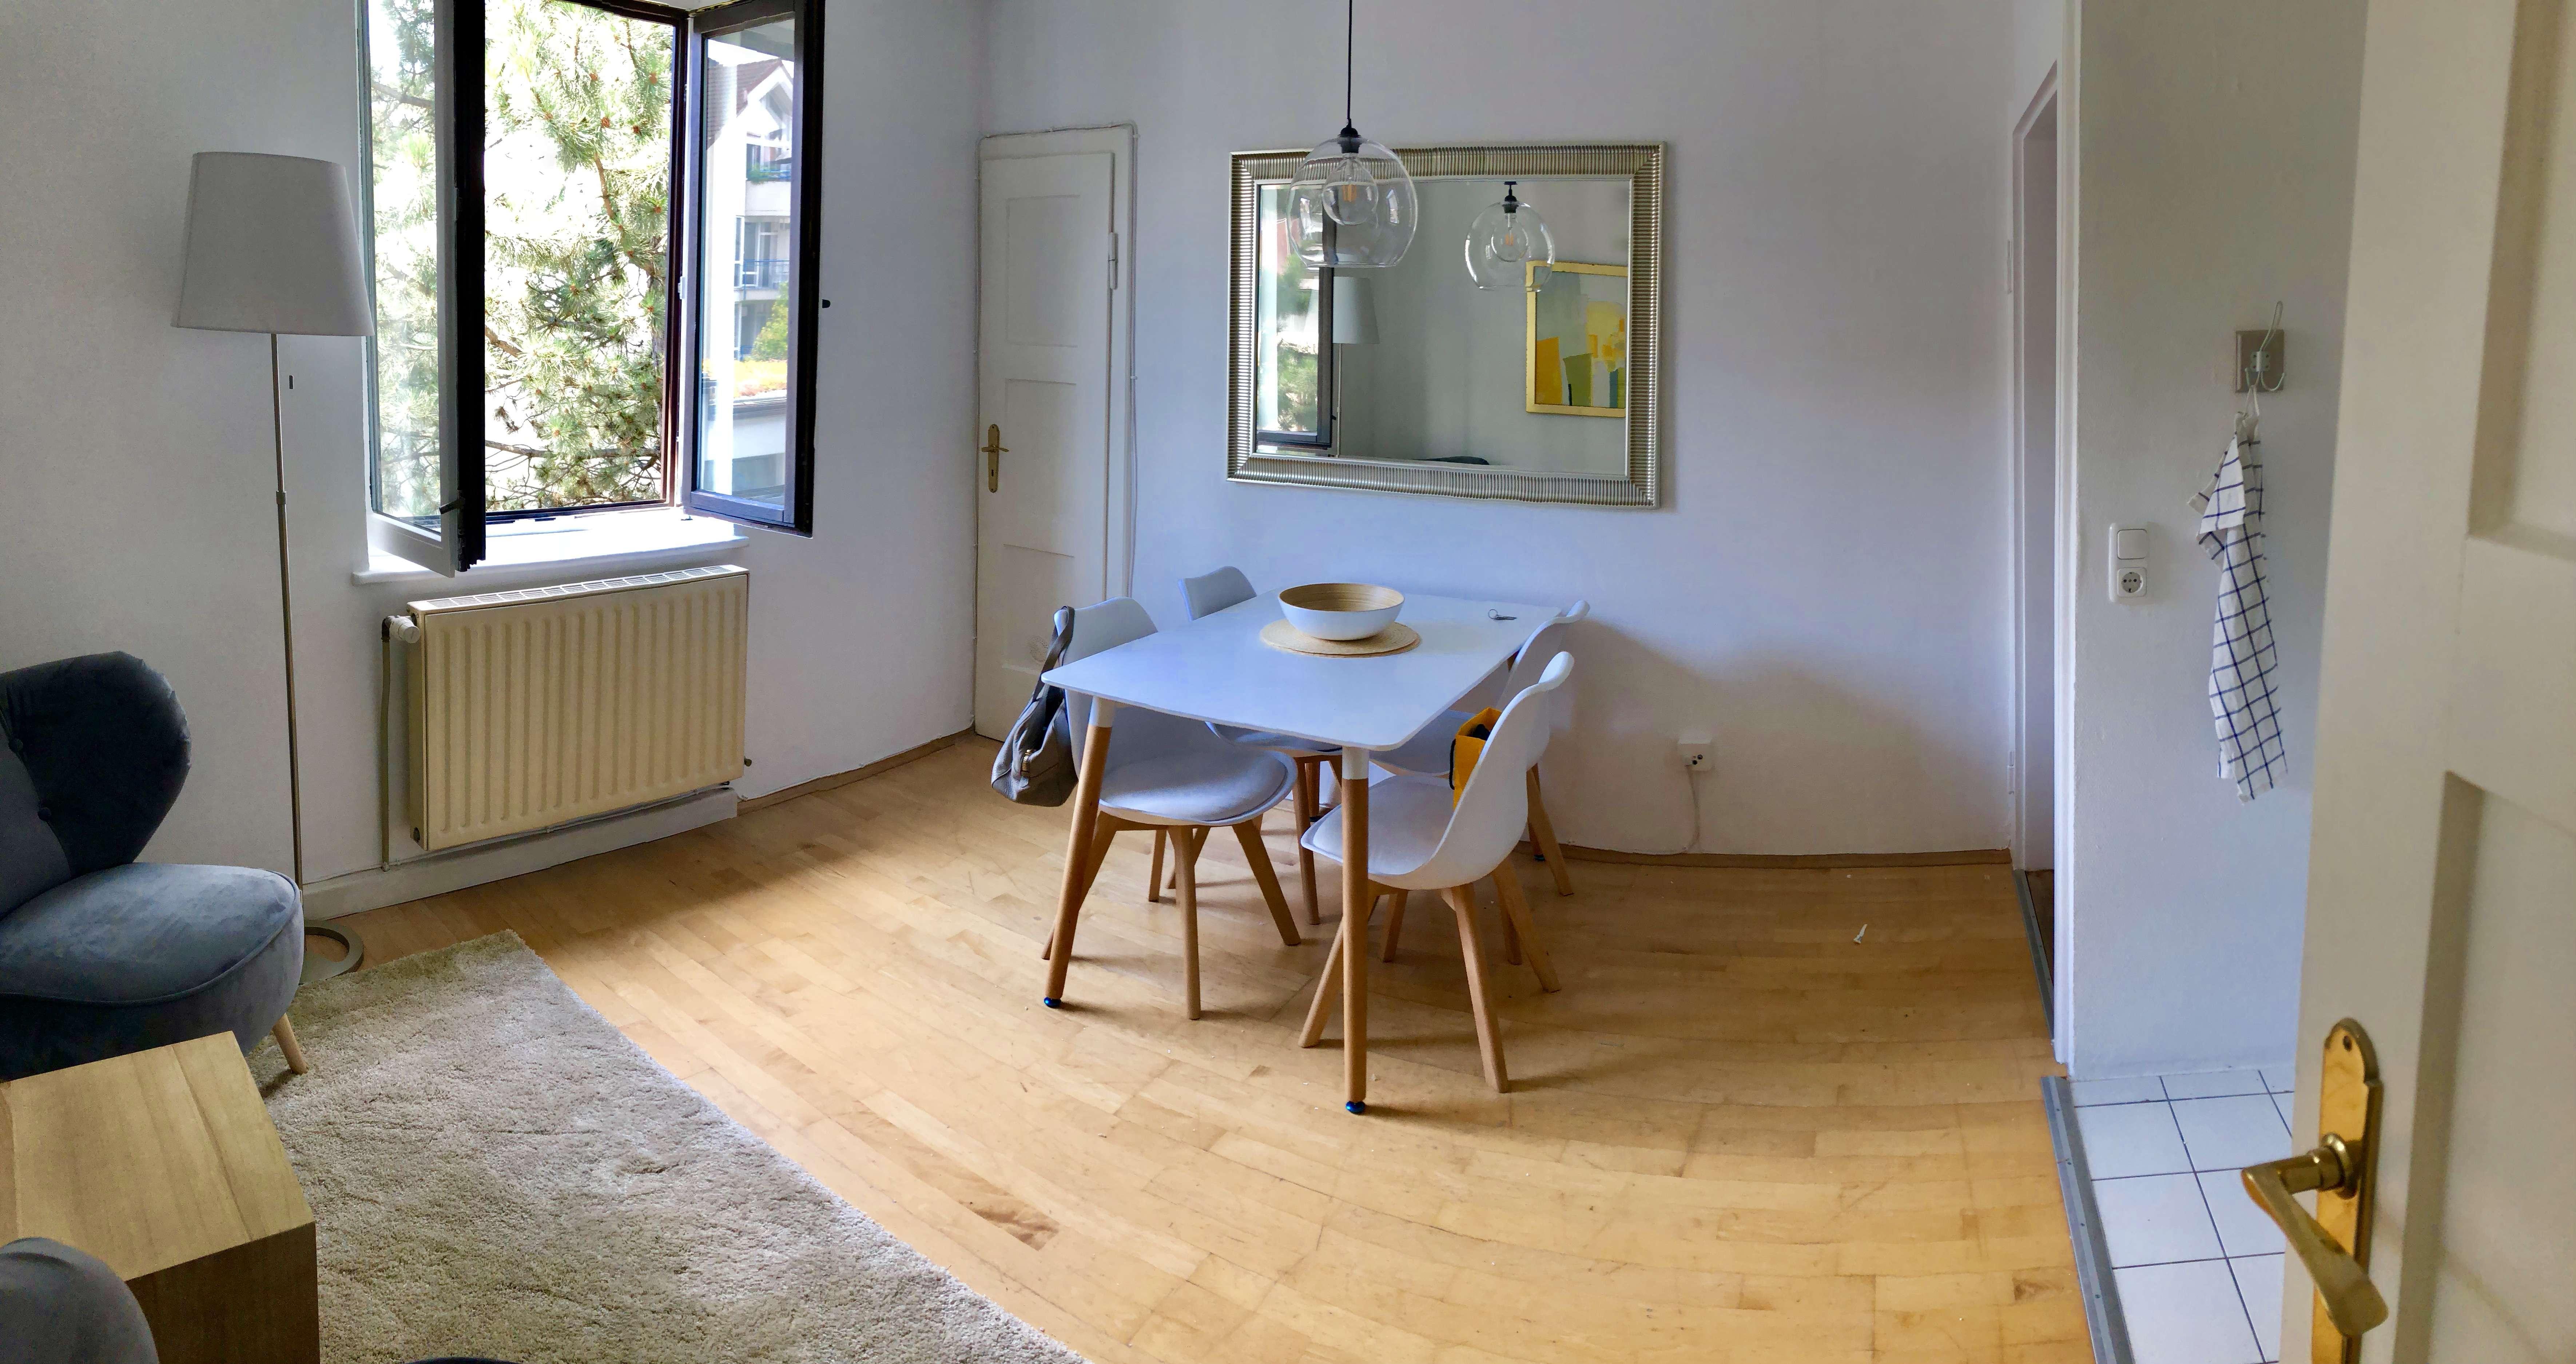 MÖBLIERTE stilvolle, neuwertige 2-Zimmer-Wohnung mit Einbauküche in Lehel, München in Lehel (München)